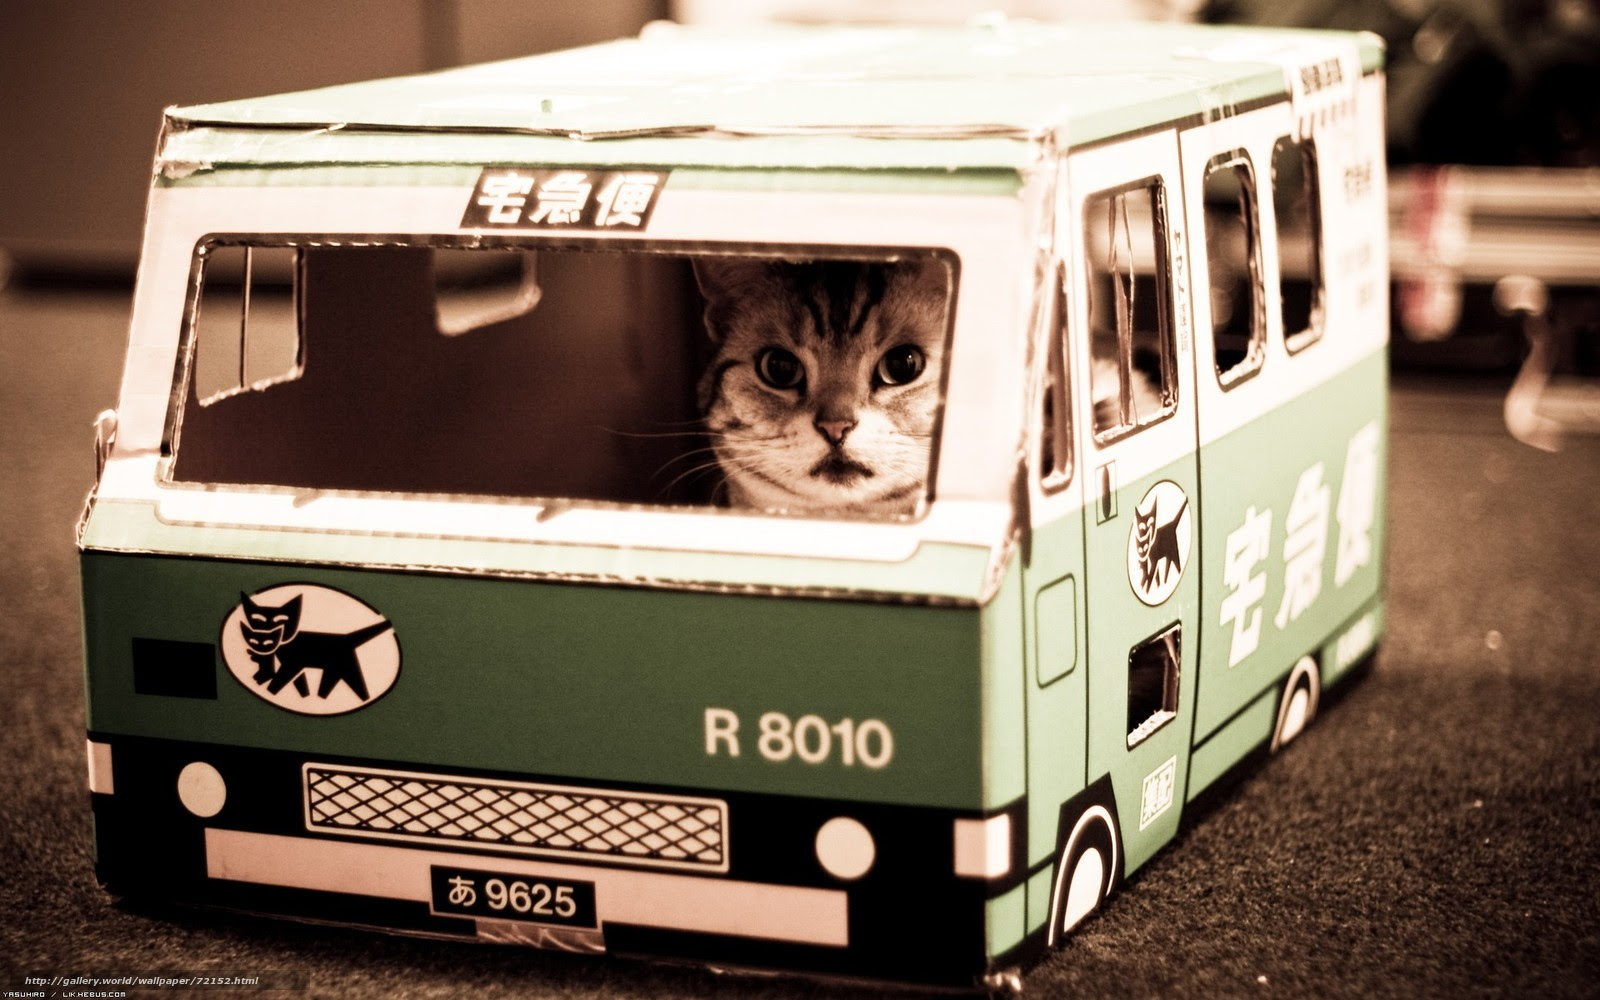 壁紙をダウンロード 猫バス あそこ デスクトップの解像度のための無料